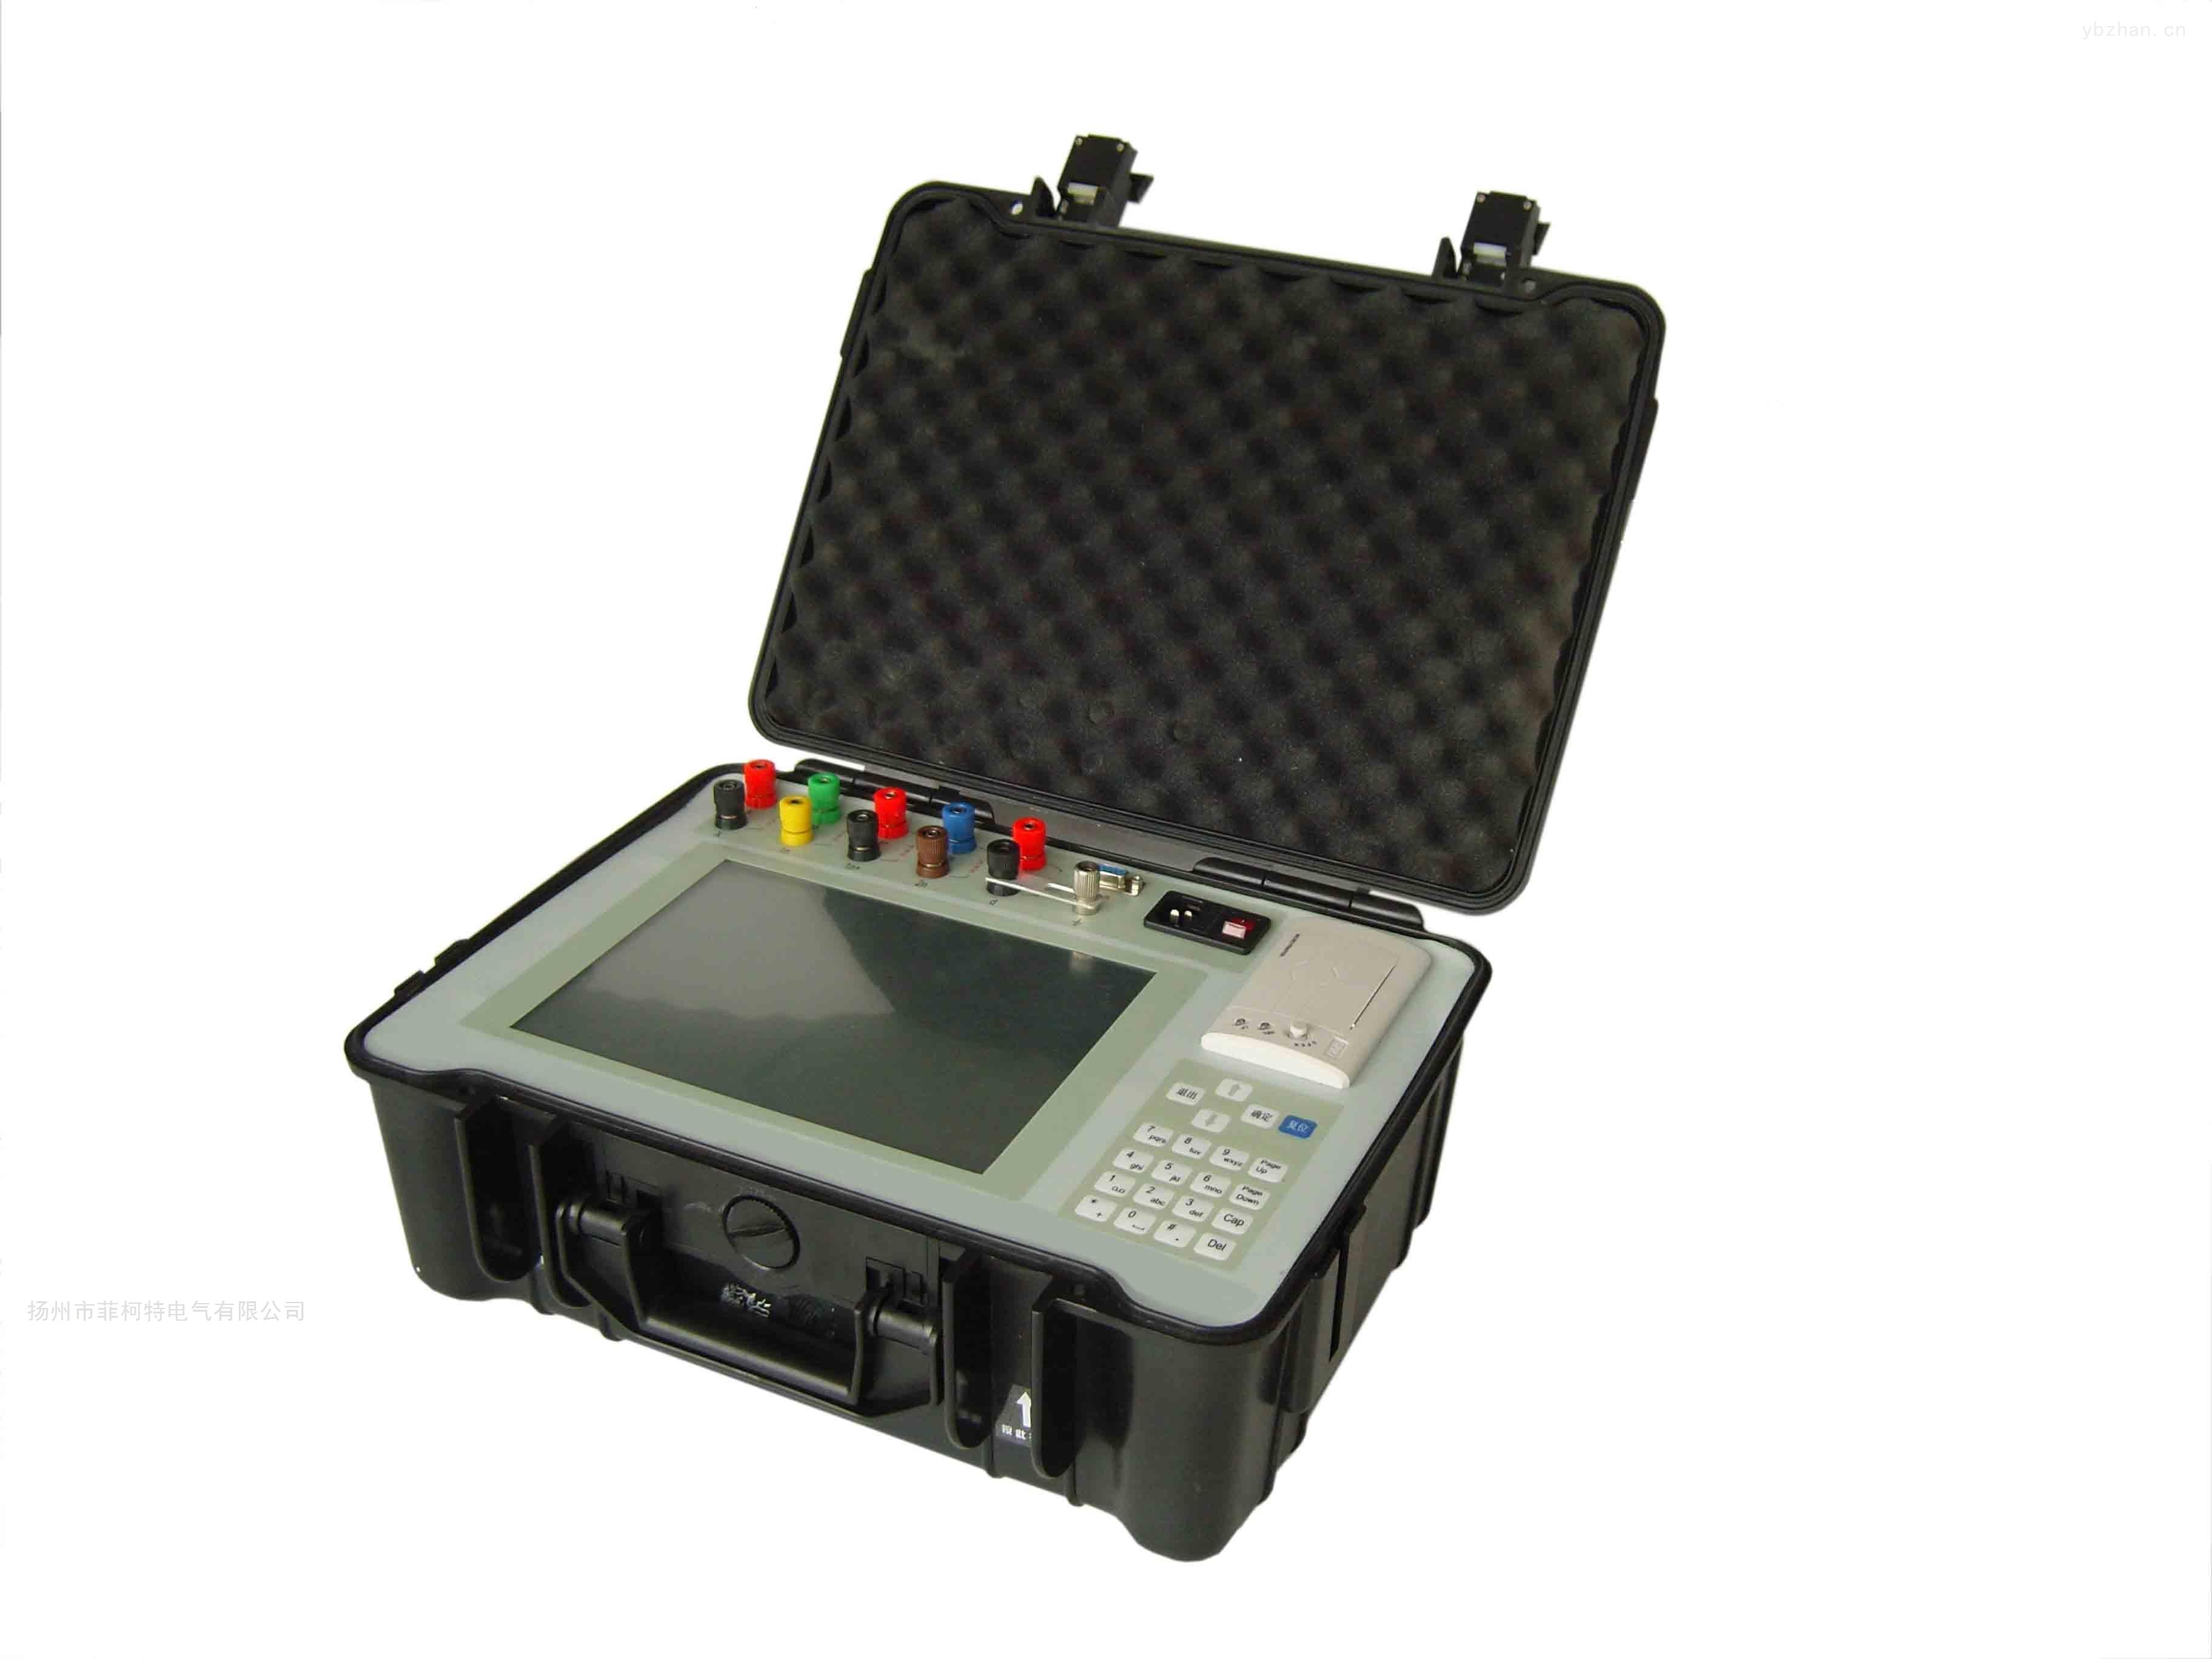 GCHG-3智能型互感器校驗儀参数/厂家/价格